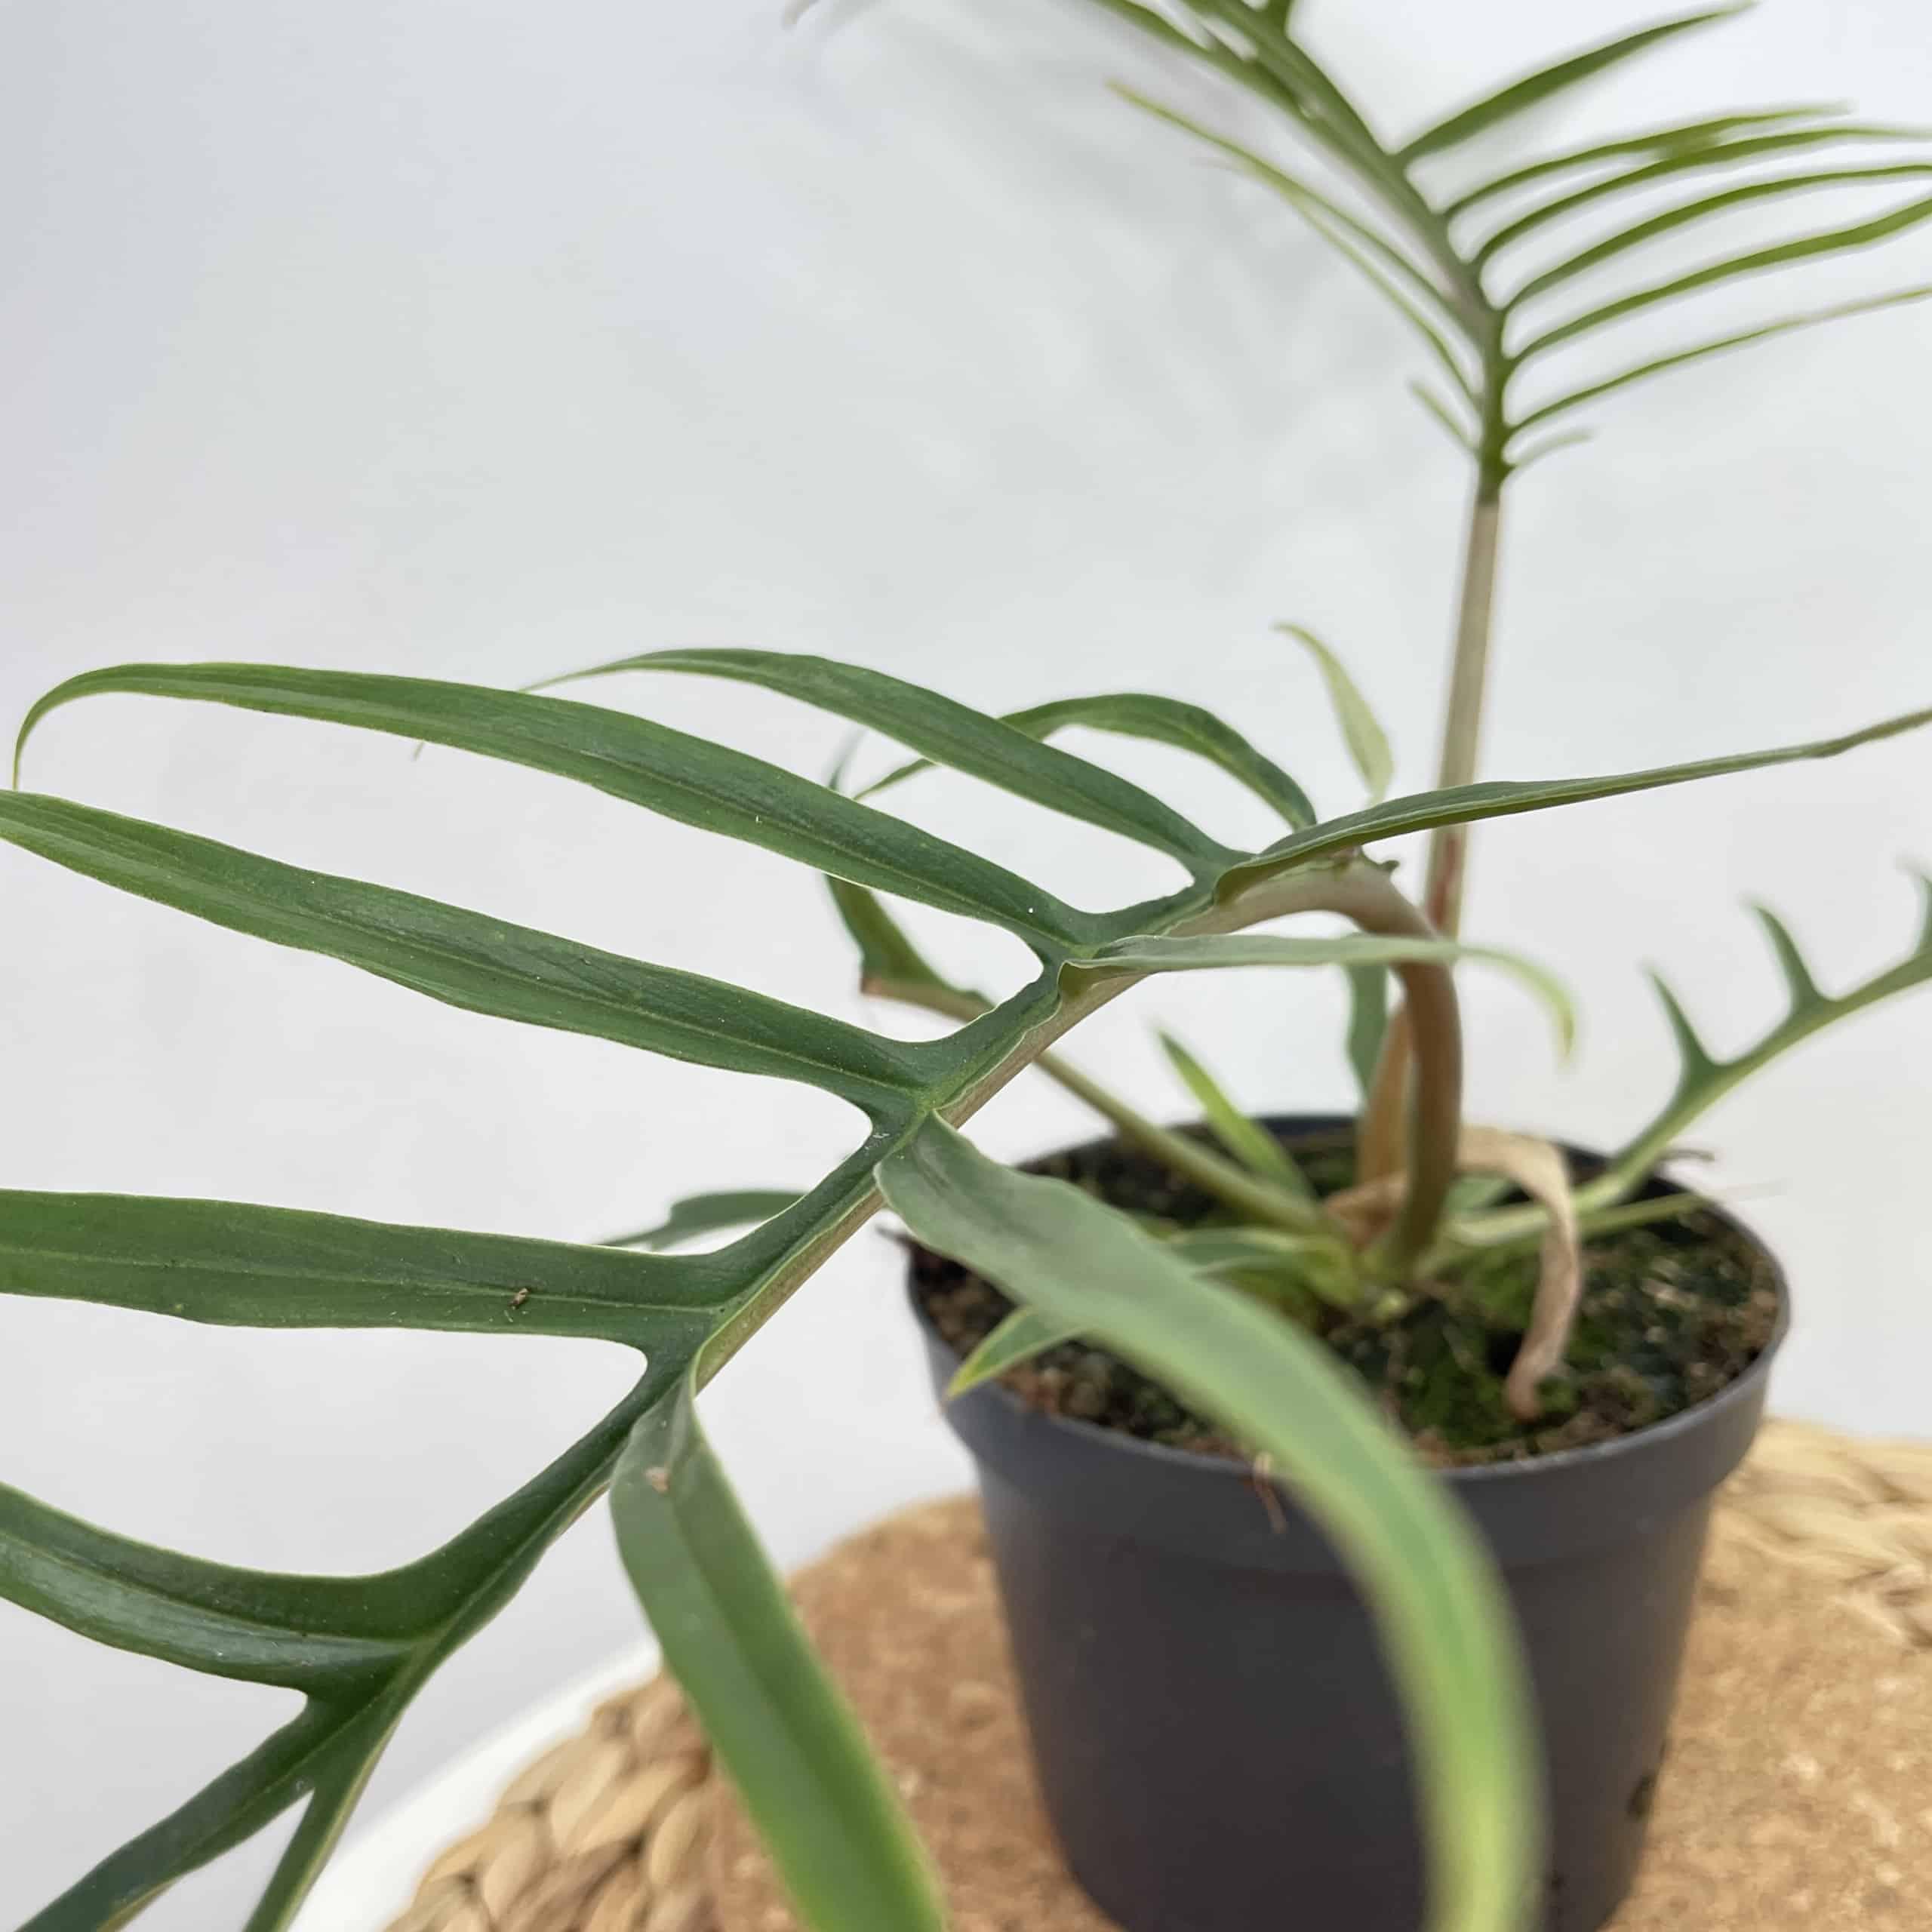 Philodendron Bipinnatifidum 'Tortum' 12cm